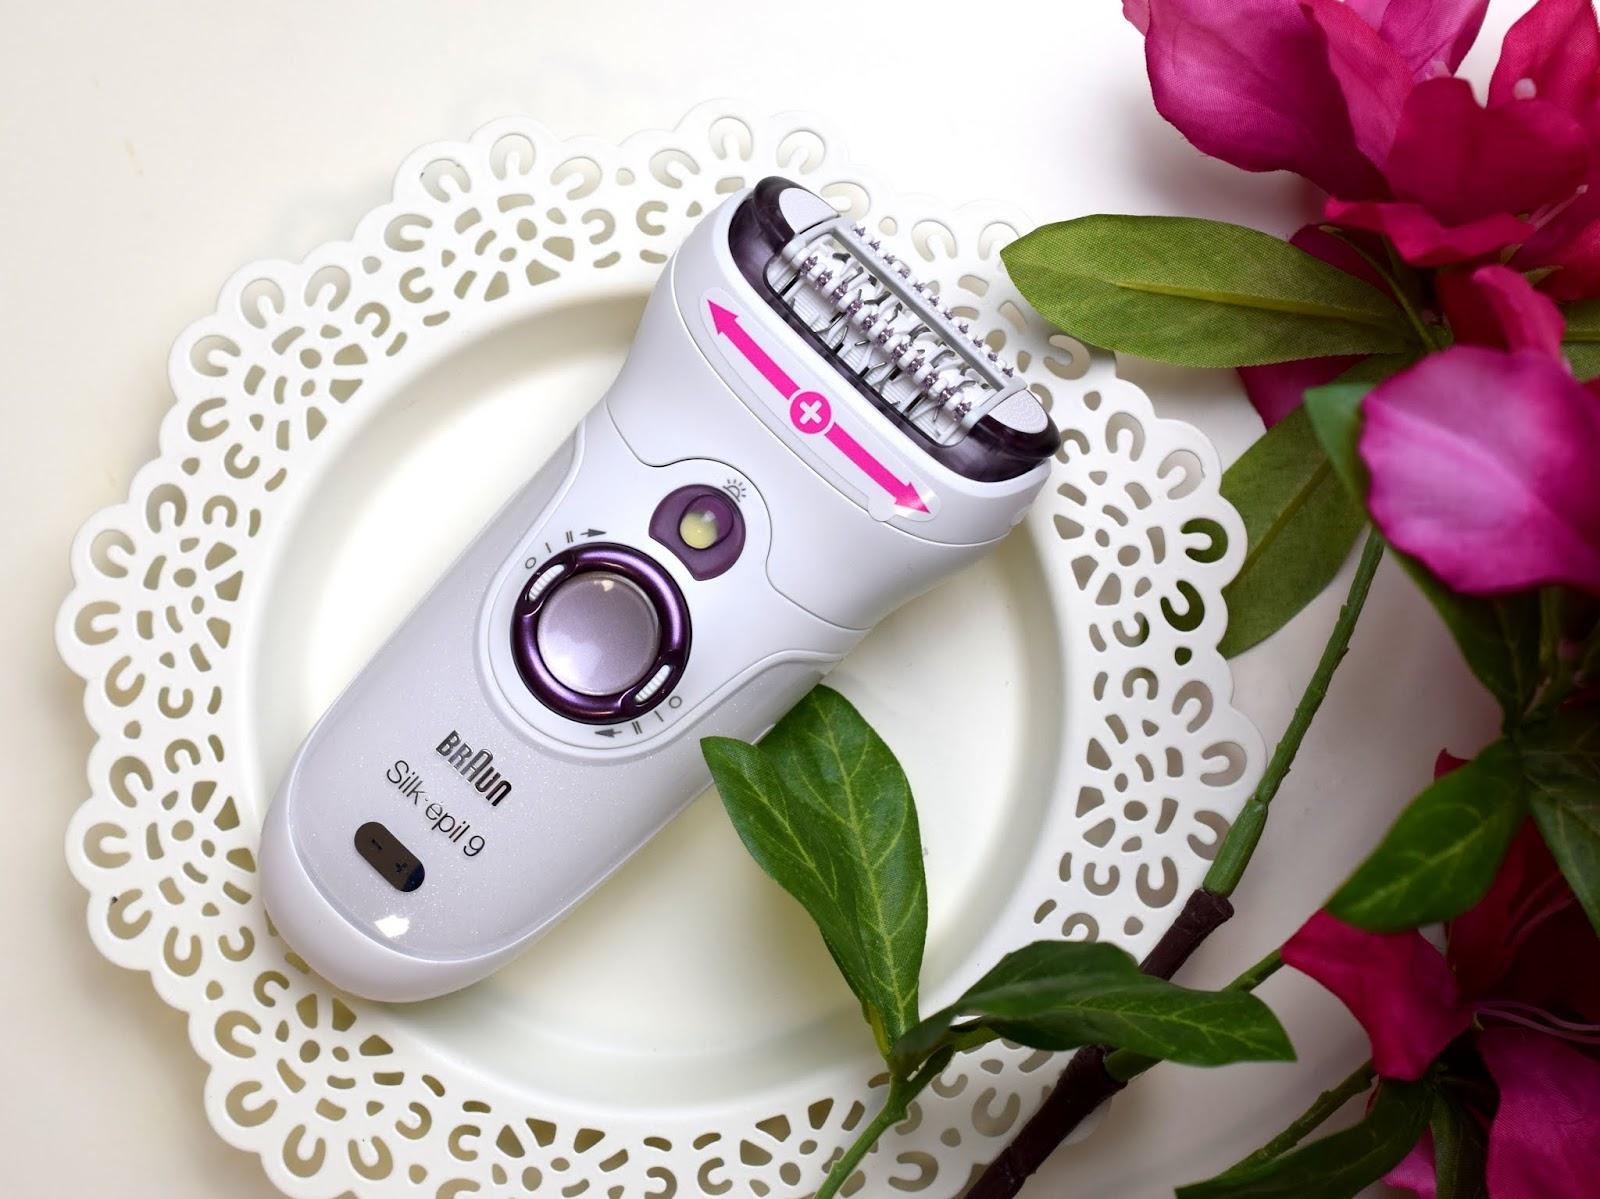 I need sunshine Beauty-Test: Braun Silk-épil 9 SkinSpa Epilierer - 1 Produkt, 3 Meinungen